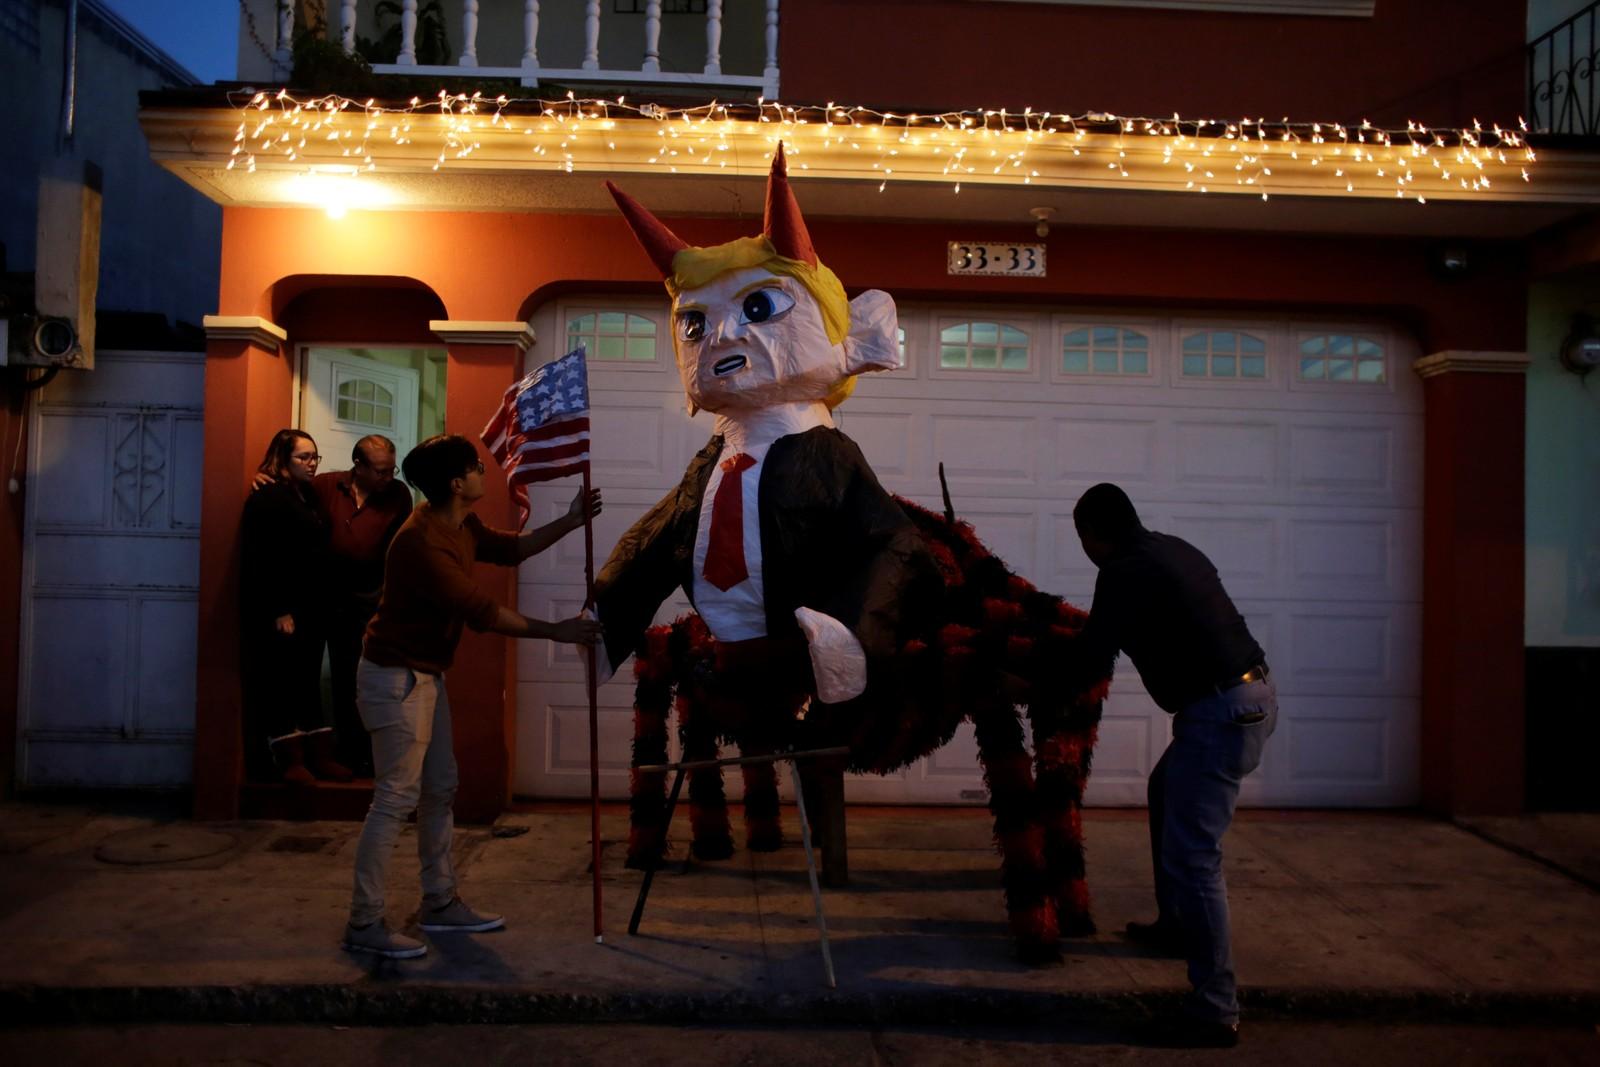 En piñata som skal forestille Donald Trump klargjøres i anledning La Quema del Diablo i Guatemala. Den årlige seansen handler om å brenne djevler på bålet.